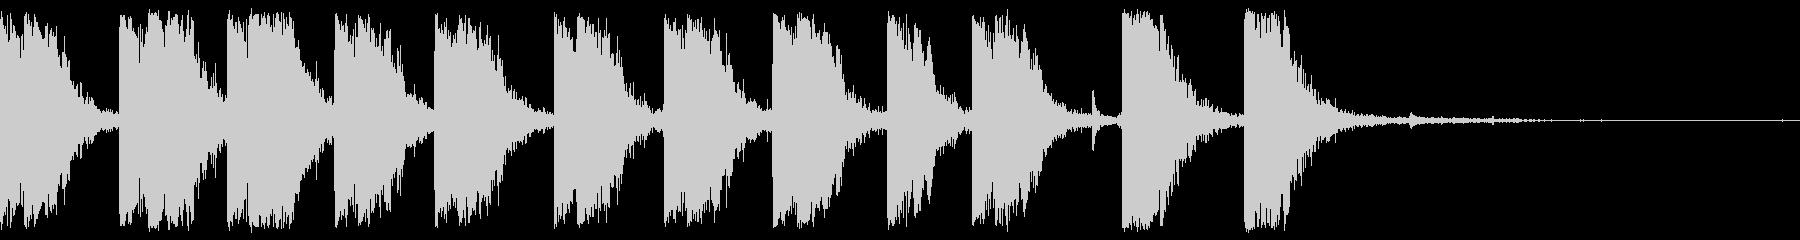 マシンガンショットバーストファイアの未再生の波形